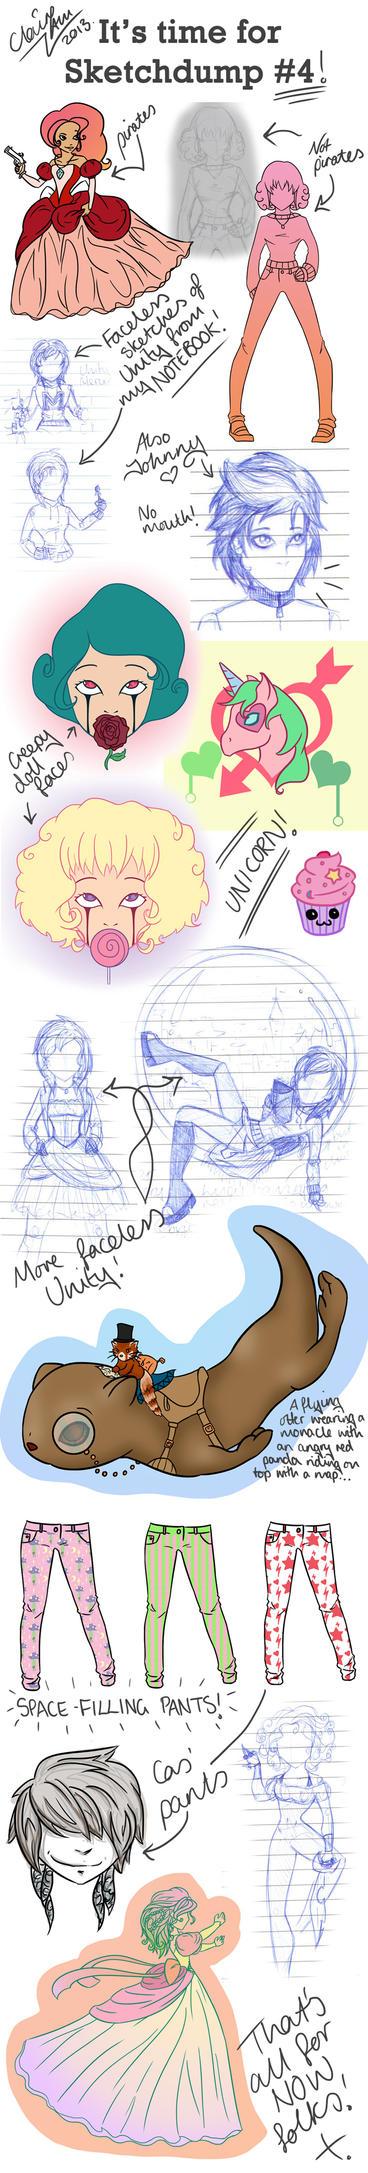 Sketchdump #4 by LightningMcTurner